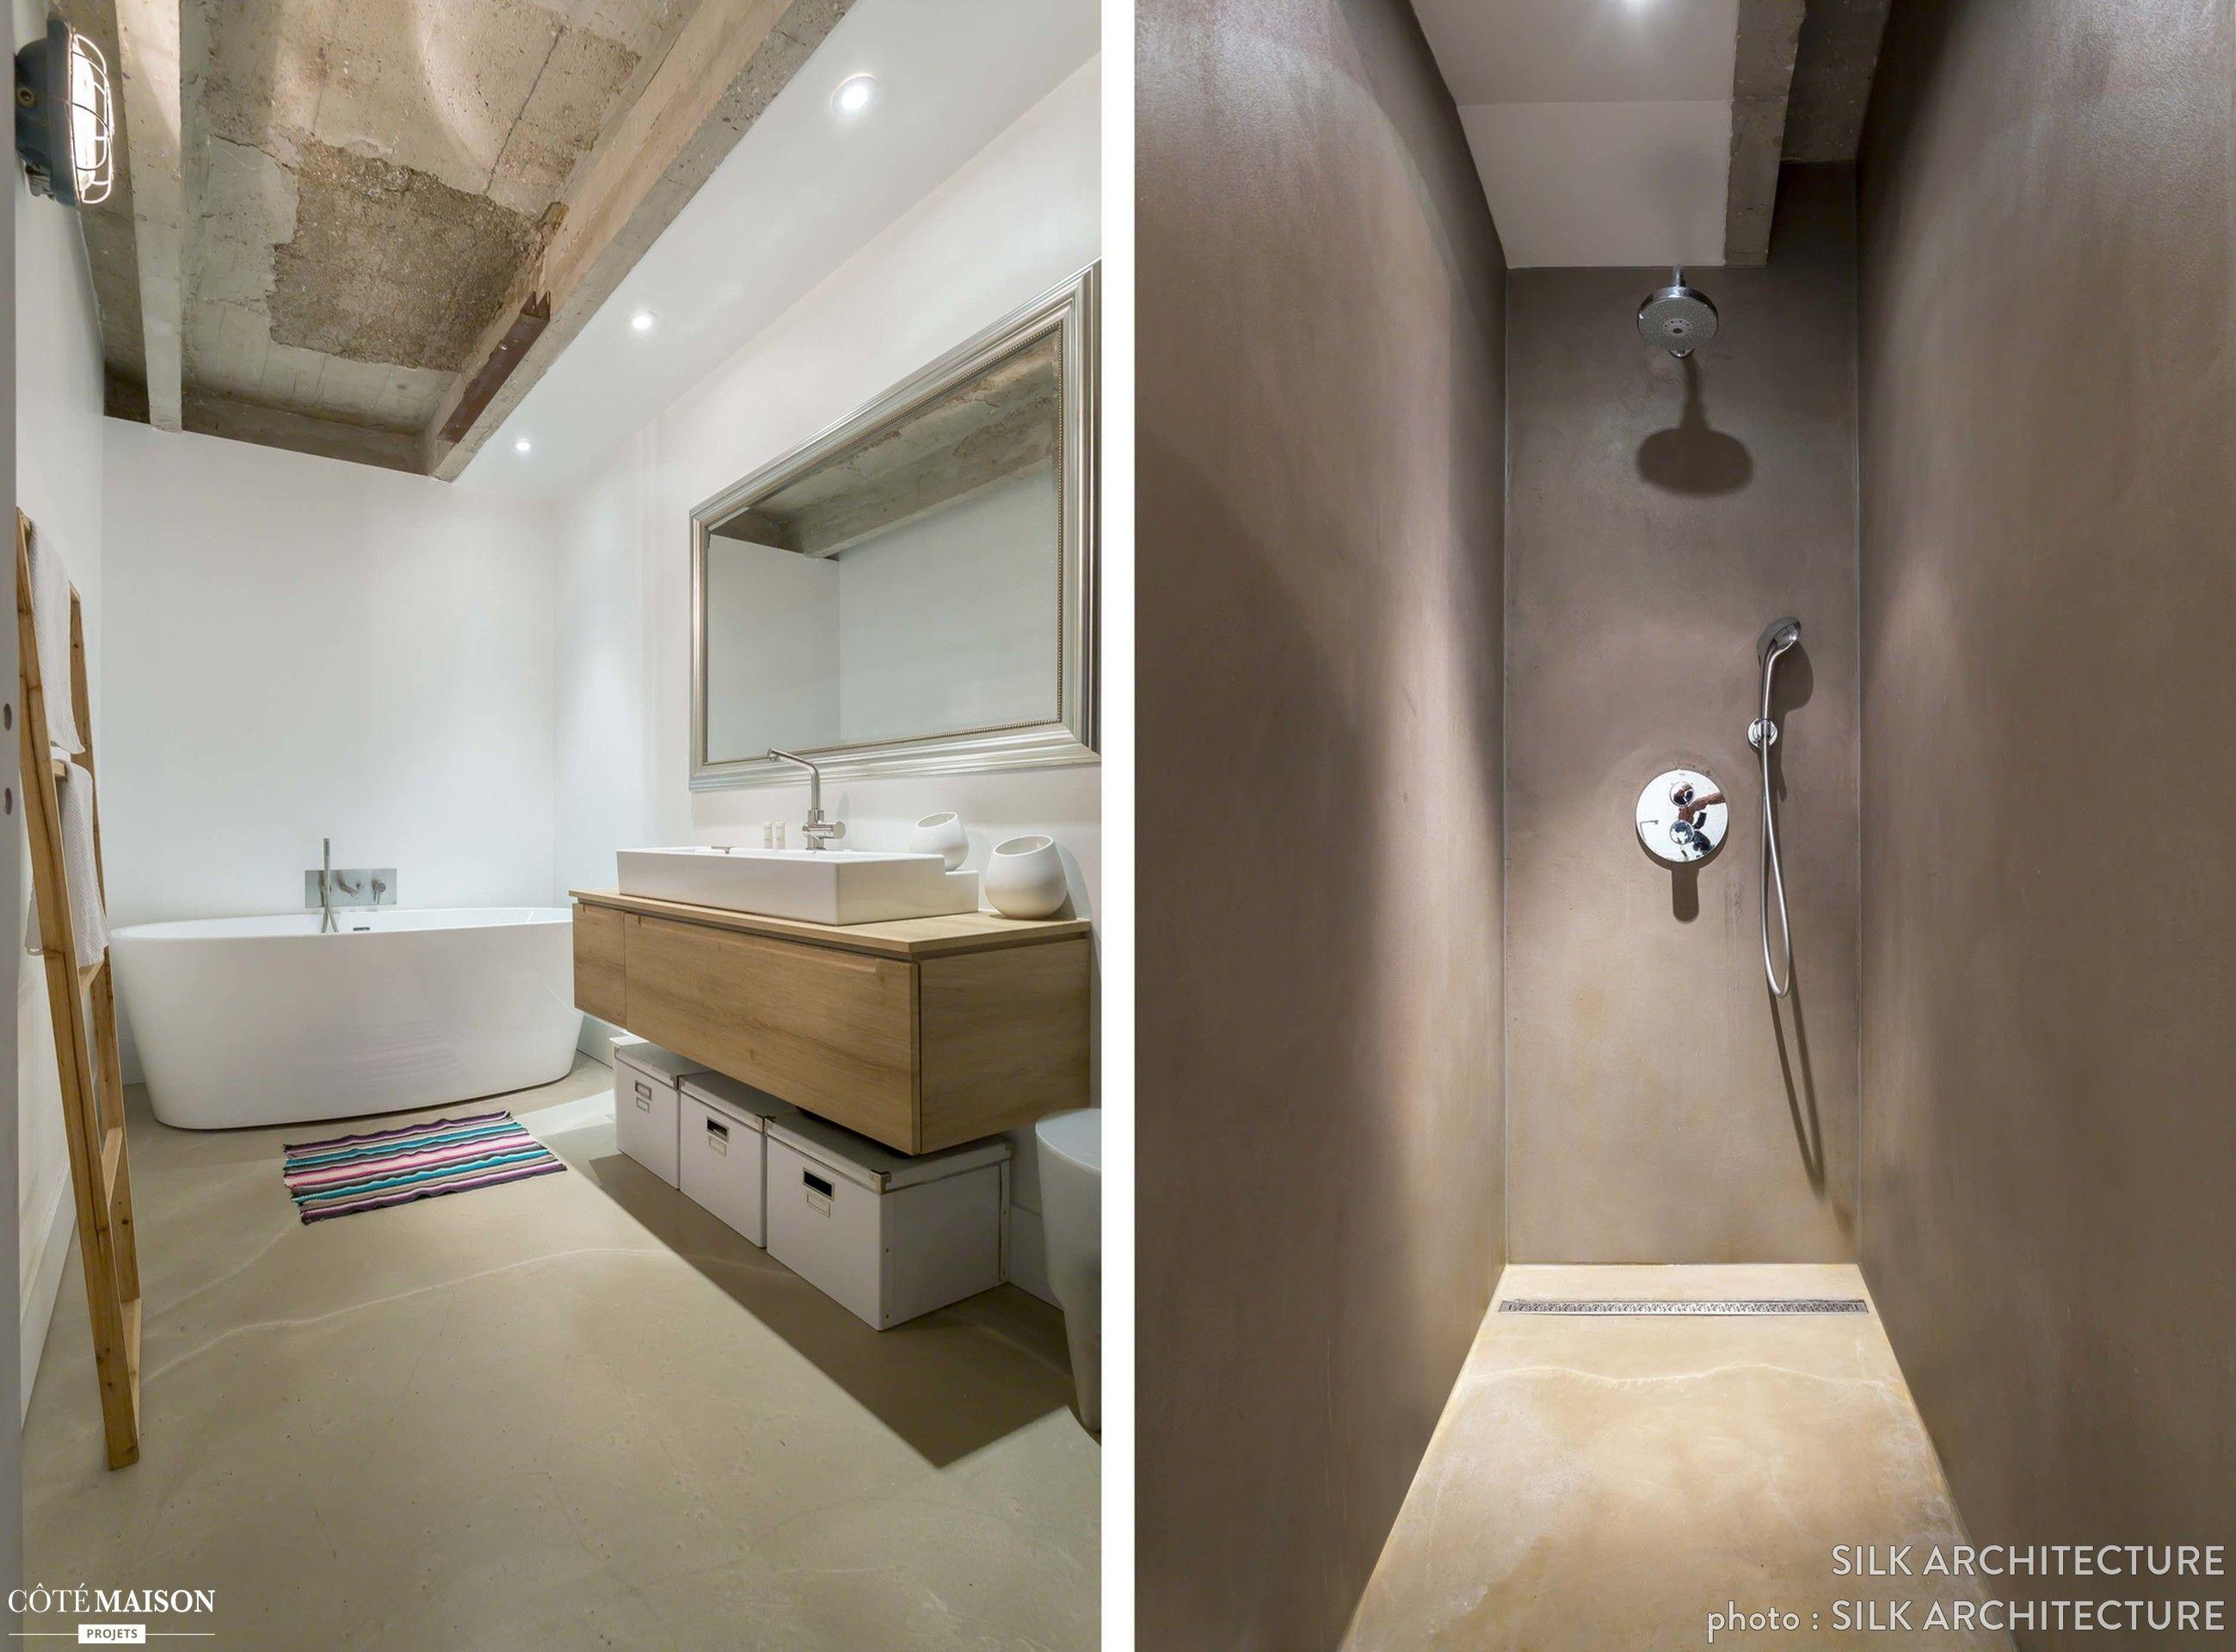 une grande salle de bains atypique avec douche l. Black Bedroom Furniture Sets. Home Design Ideas